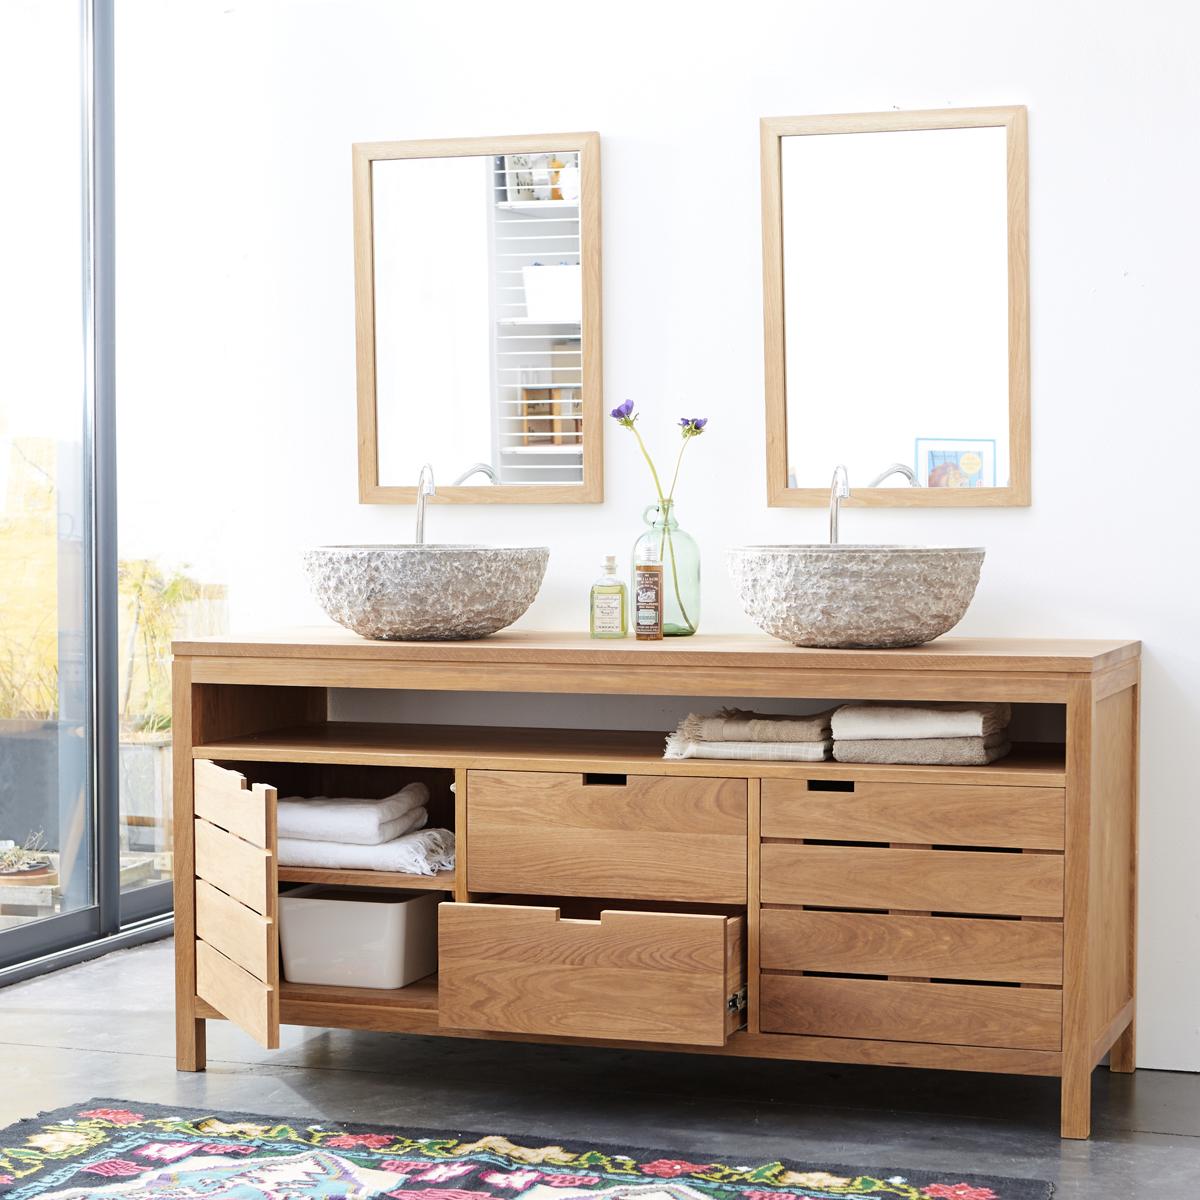 SERENA tölgyfa fürdőszoba szekrény 165